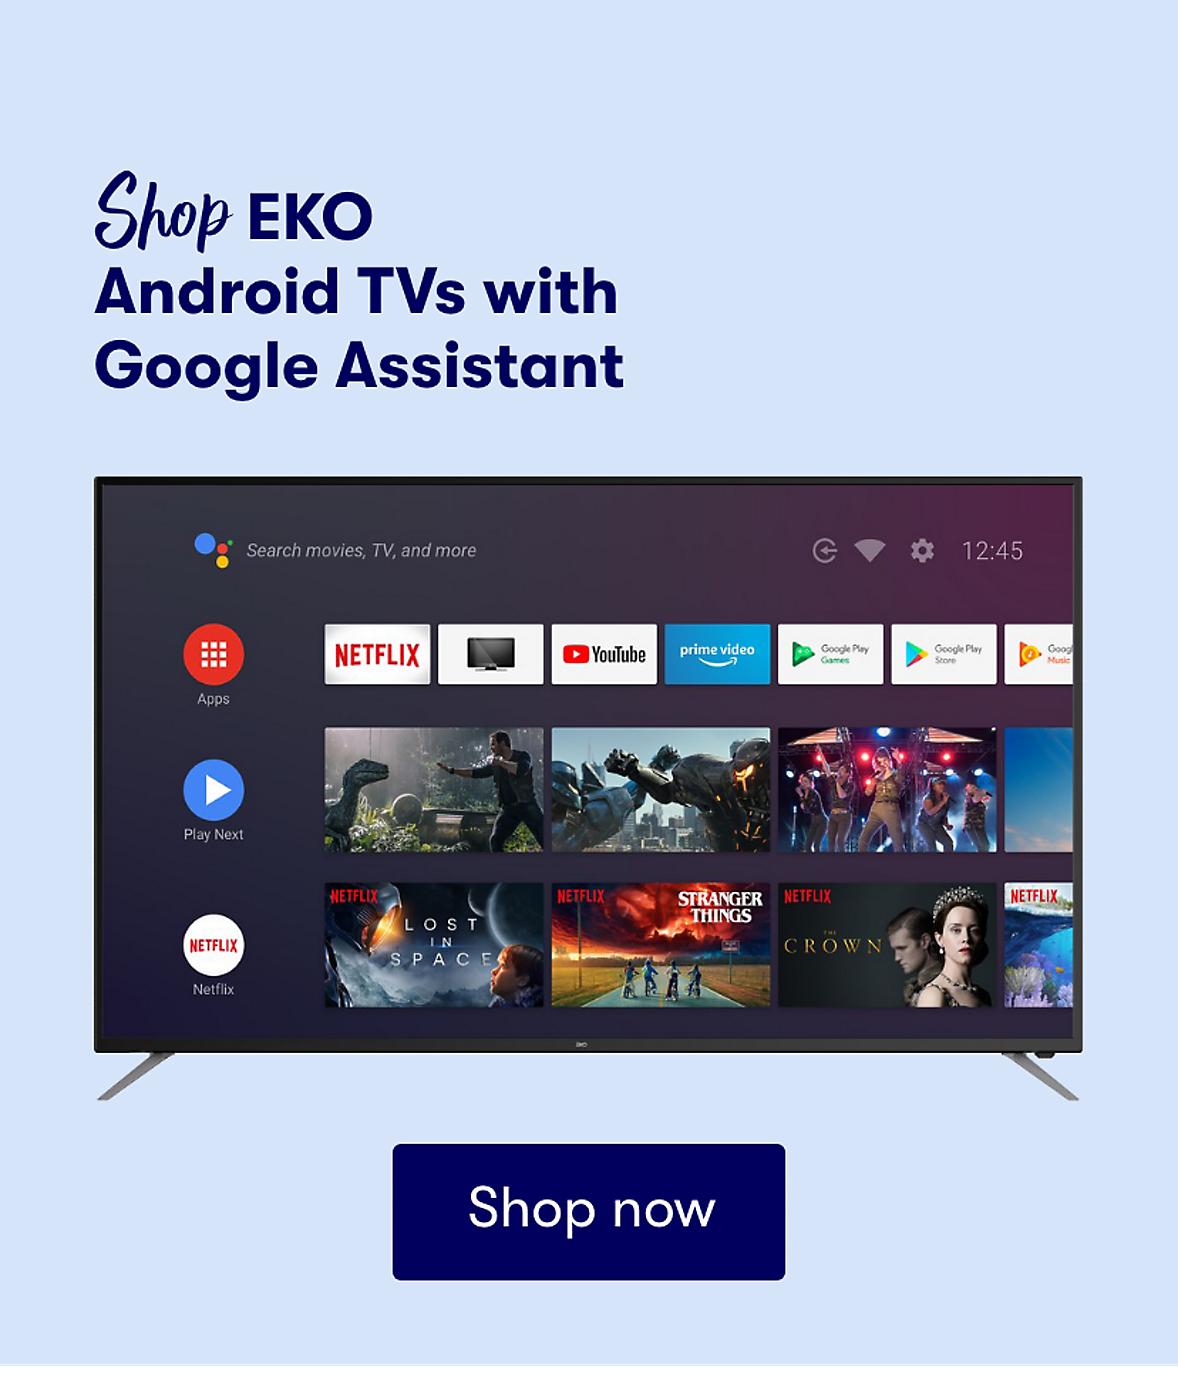 Shop EKO Android TVs